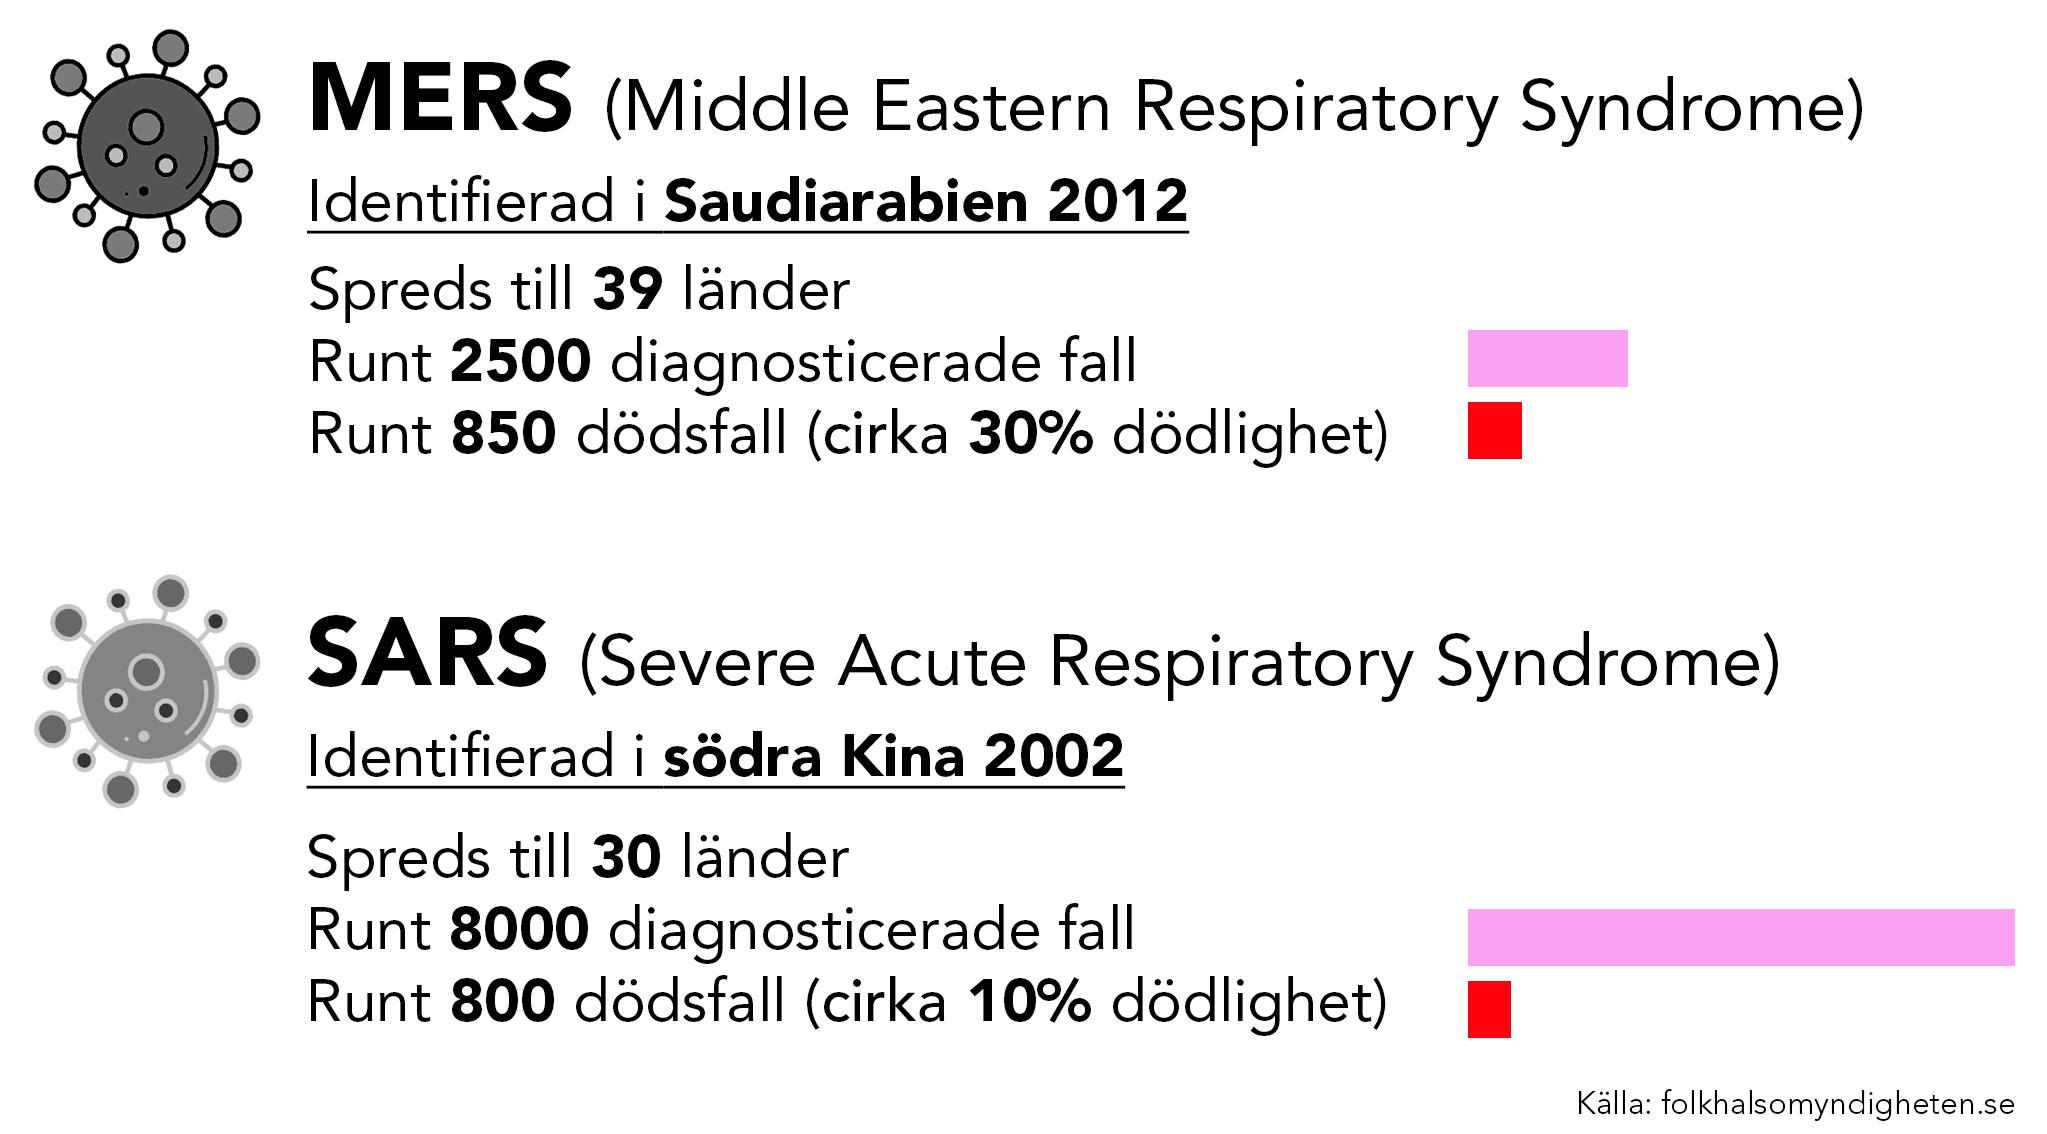 Fakta om MERS och SARS